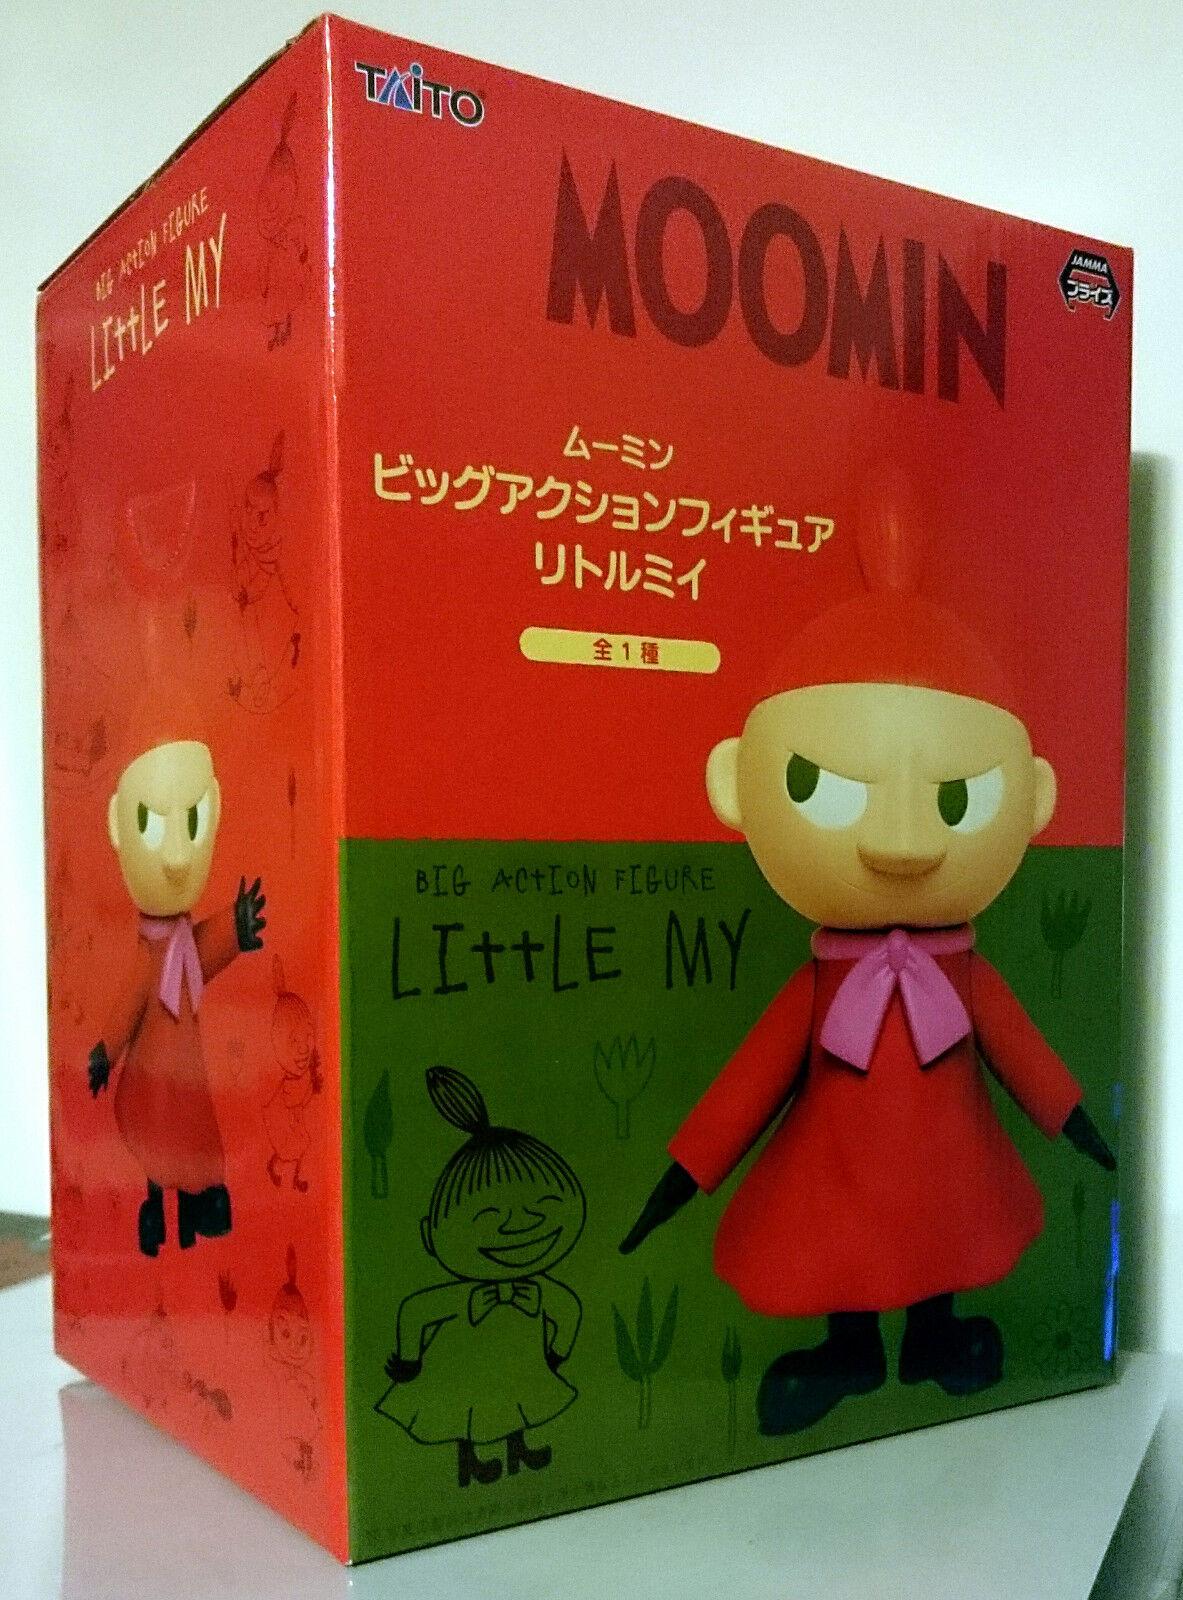 Taito JAMMA Big Action Figure Moomin Little My 30cm Tall